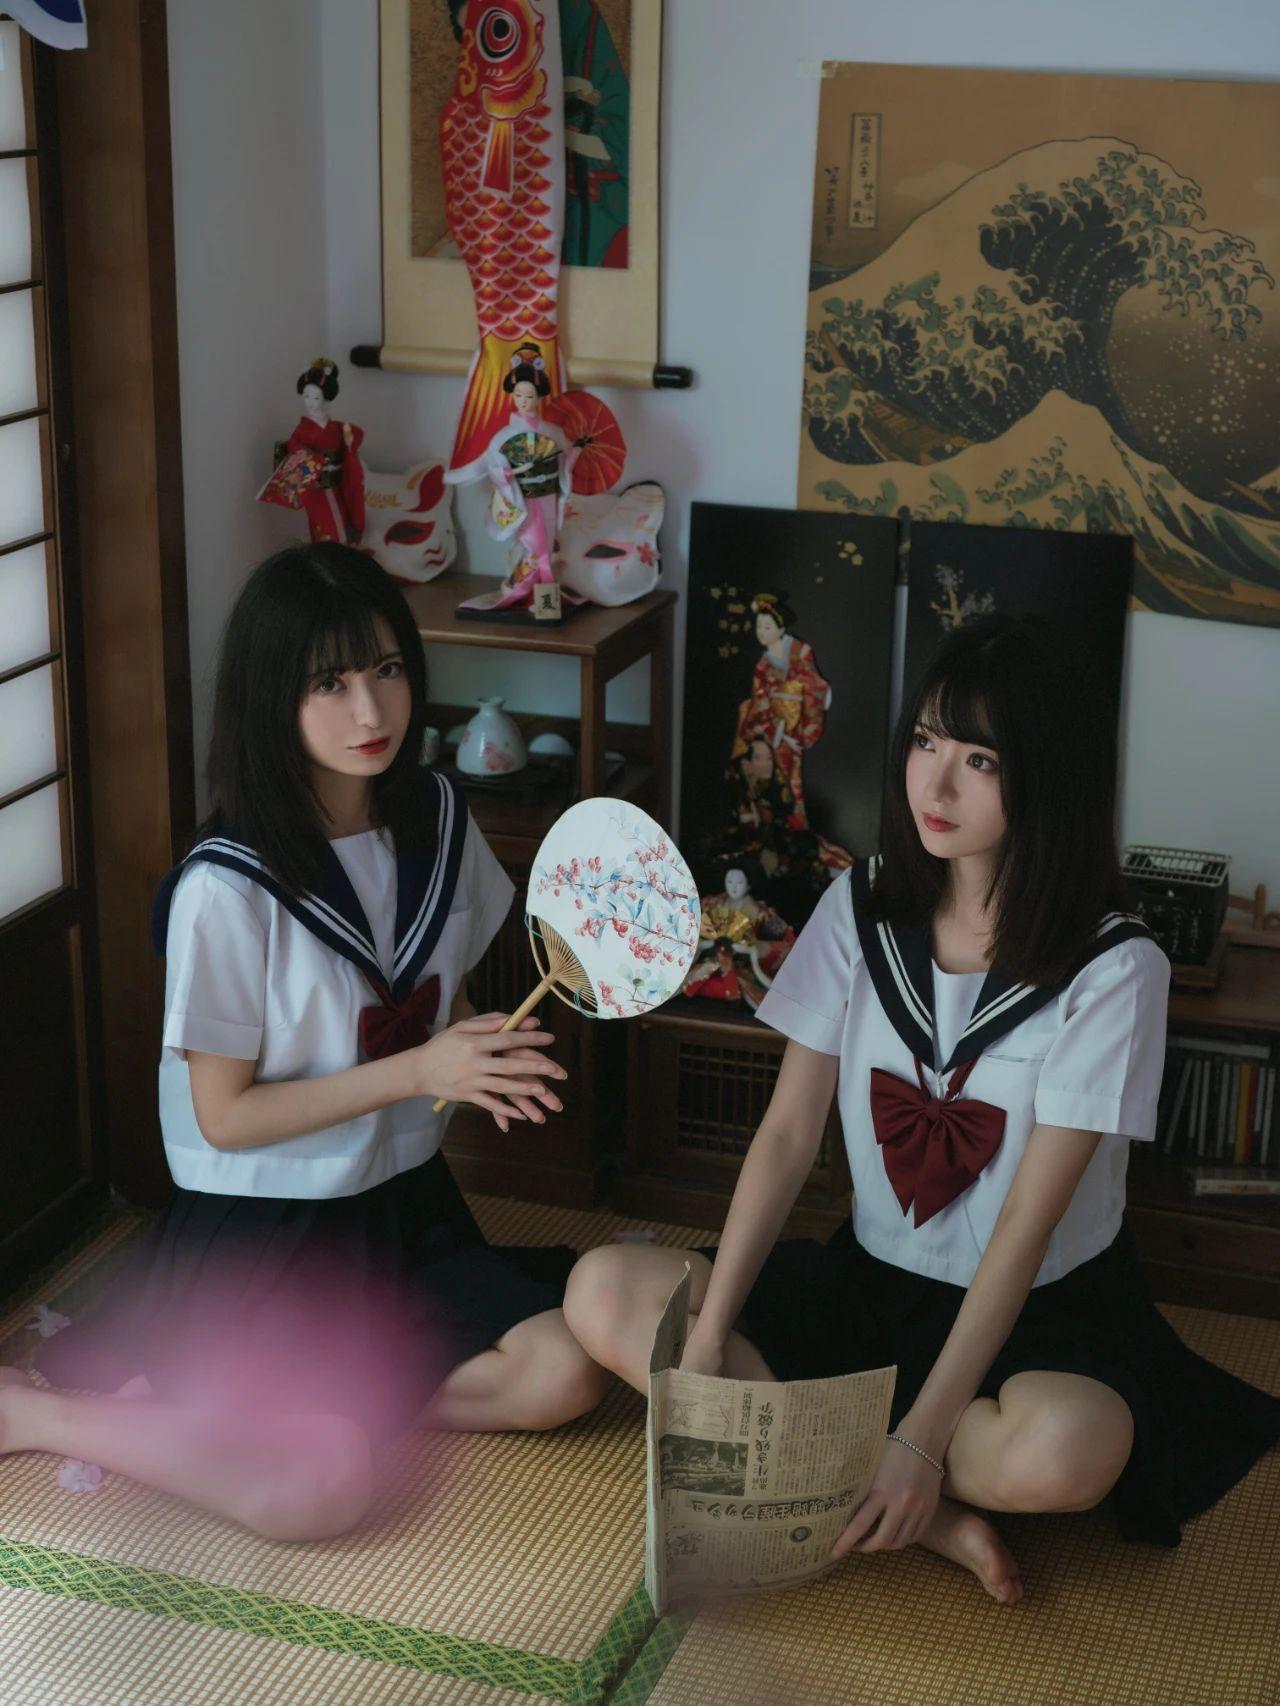 B站UP主果哝双子让你们享受双倍的美好双倍的快乐 (2)